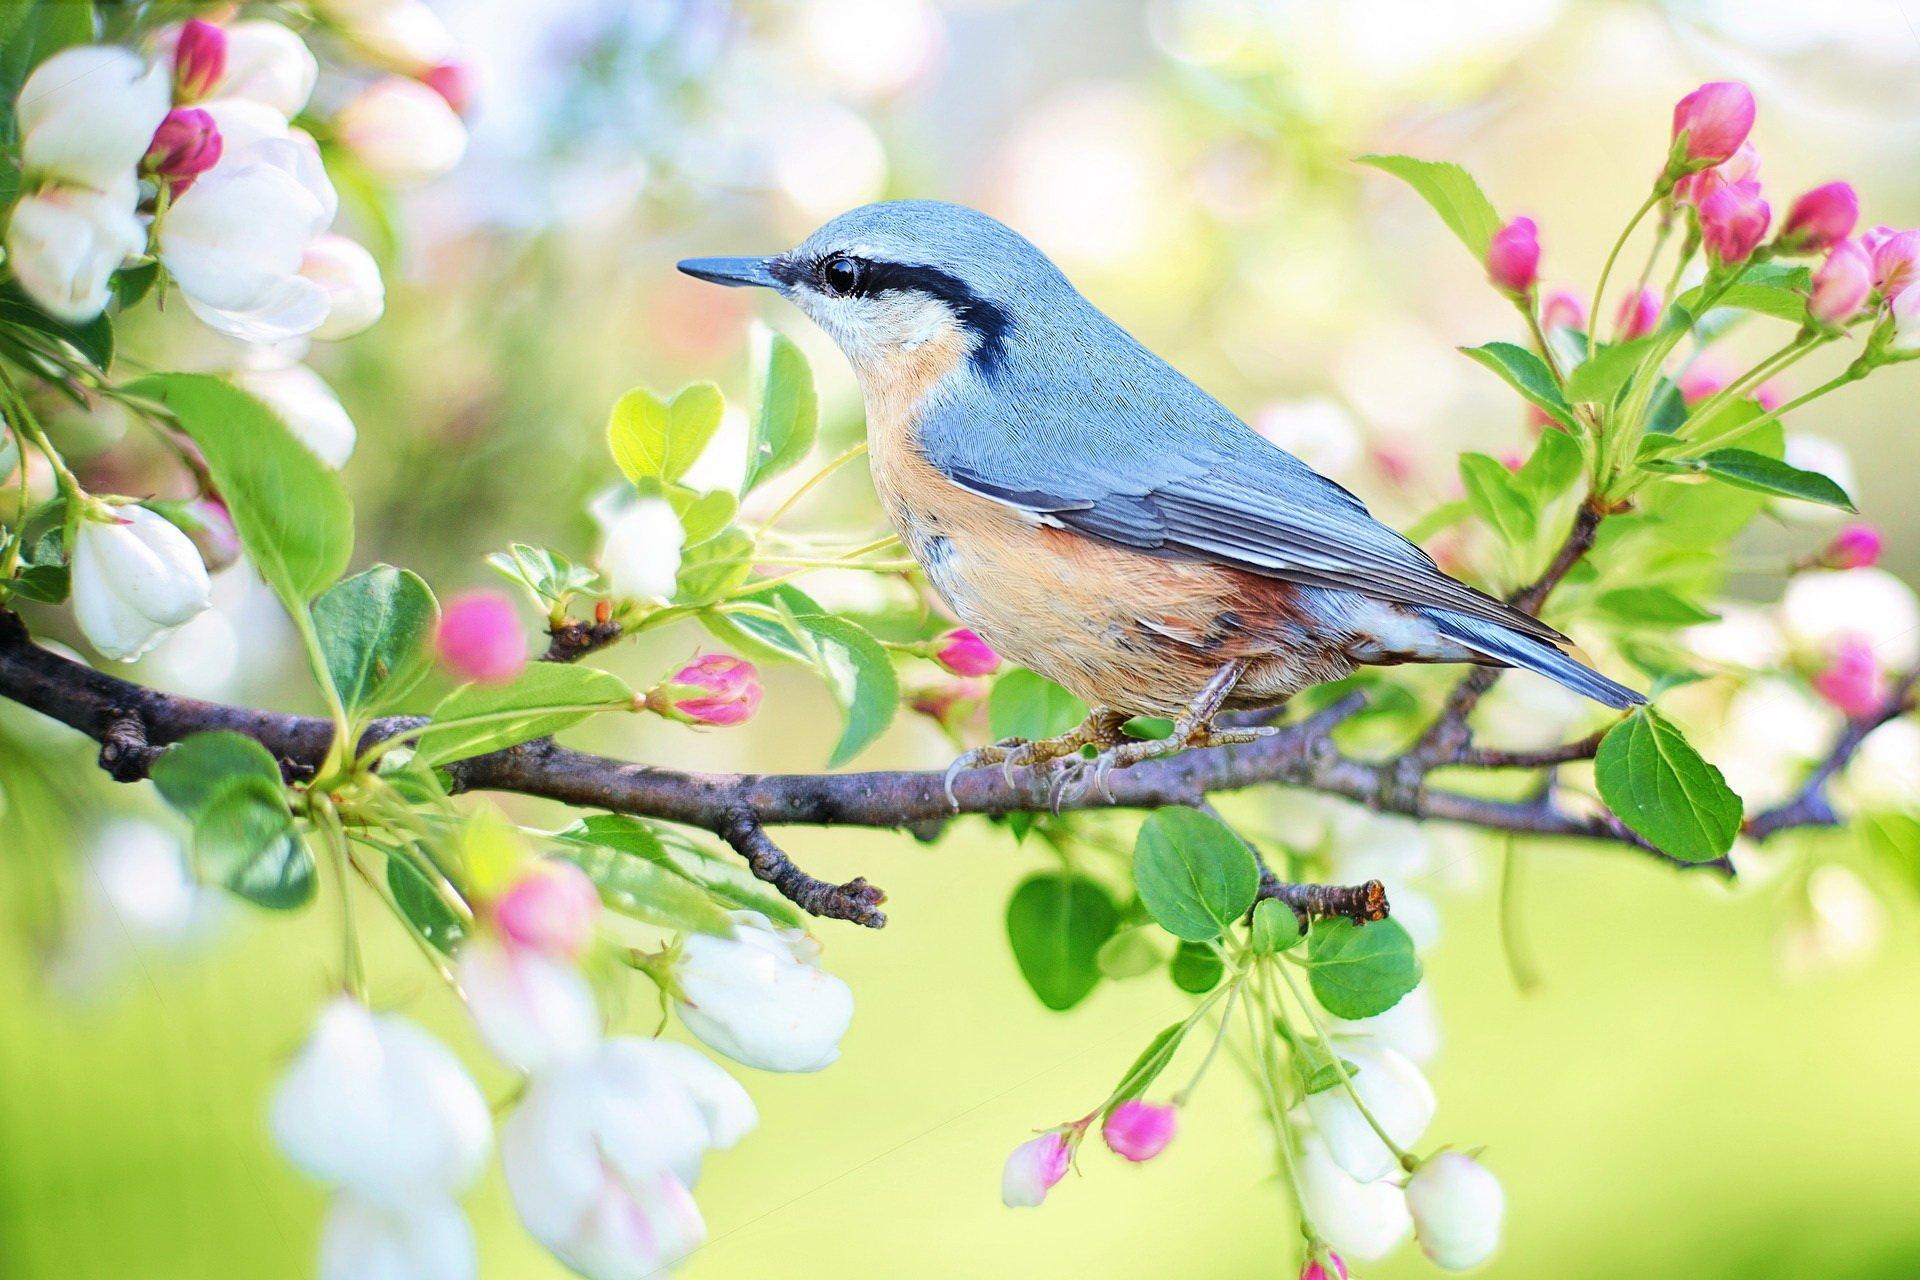 Wiosna radosna wiersz dla dzieci na wiosnę